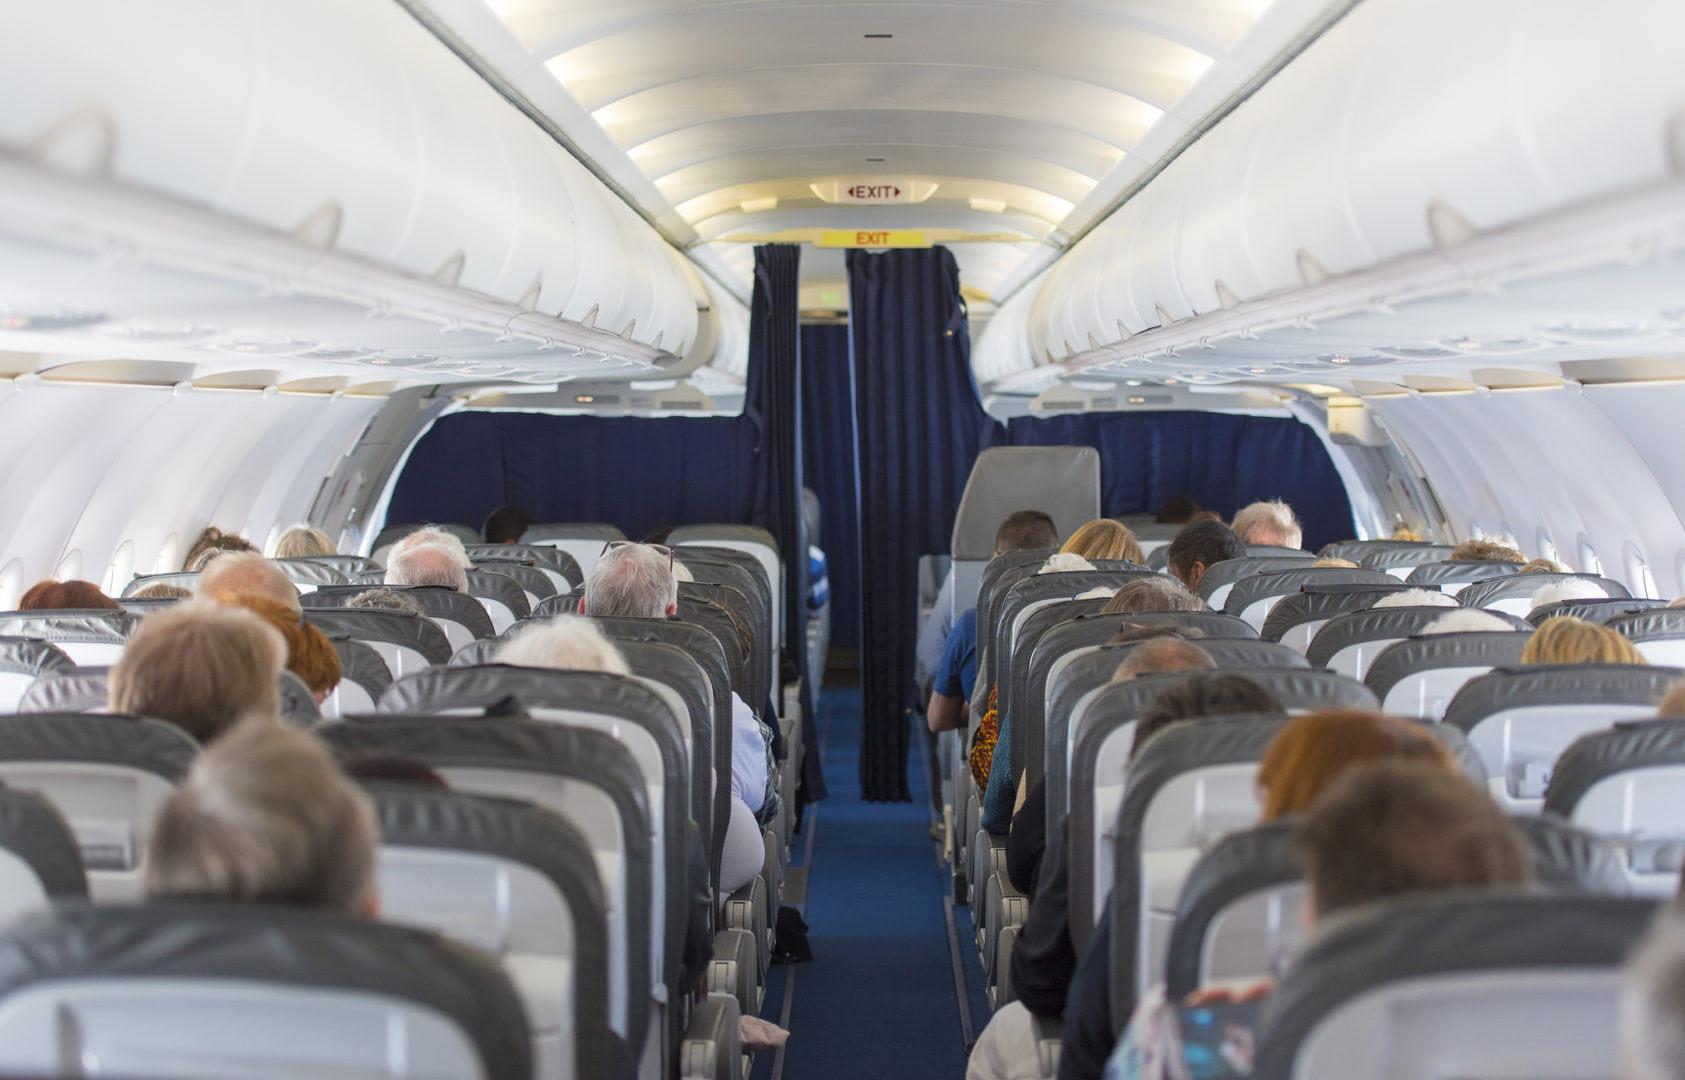 Choisir ses sèges pour un long voyage en avion